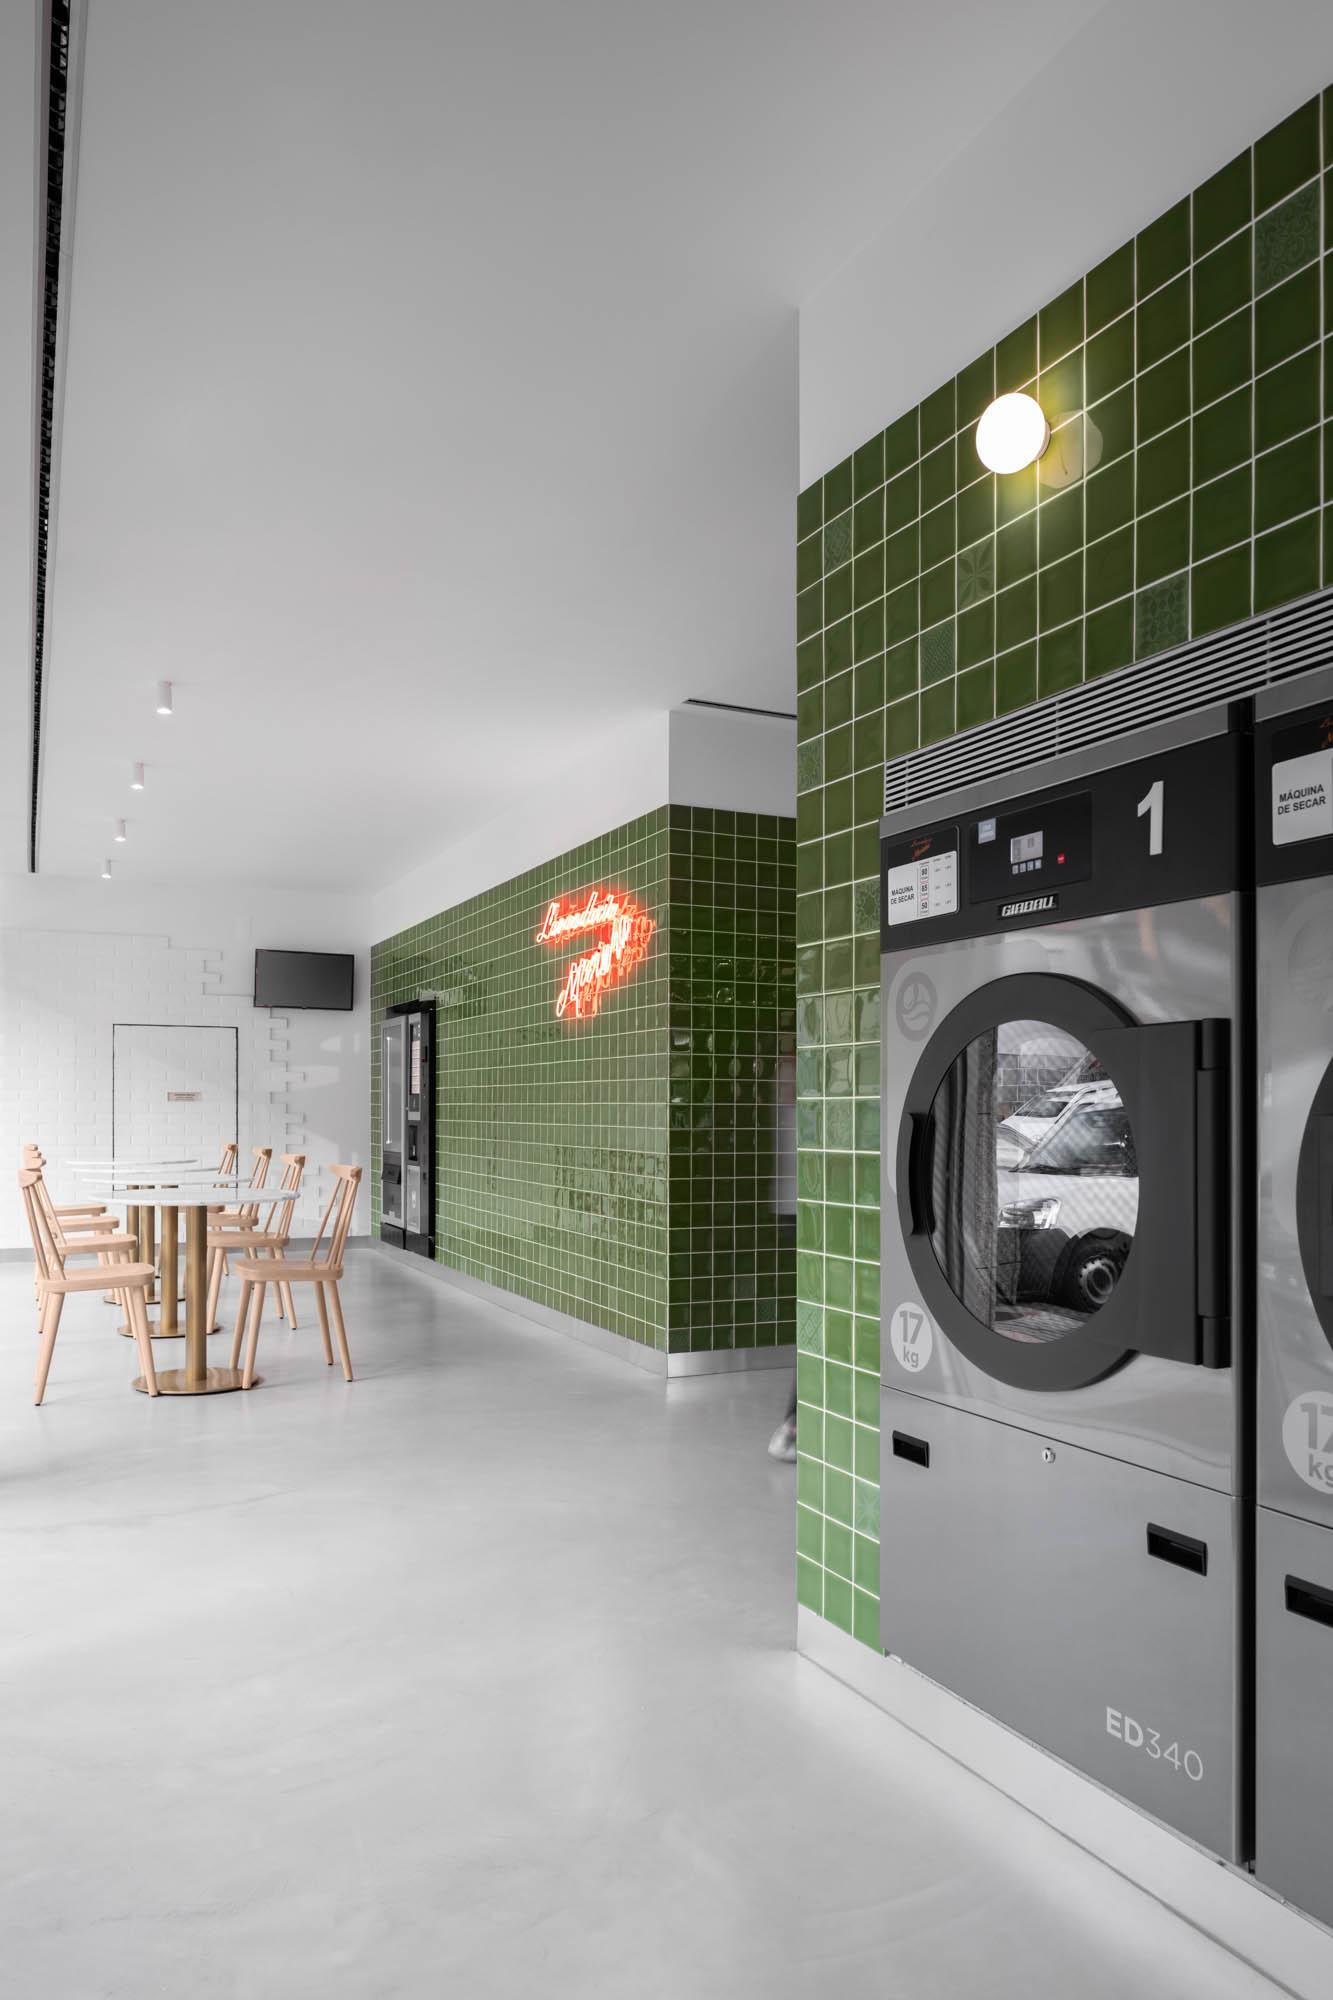 Lavandaria Morinha Em Vila Mea Do Atelier De Arquitetura Stu.de do fotografo Ivo Tavares Studio